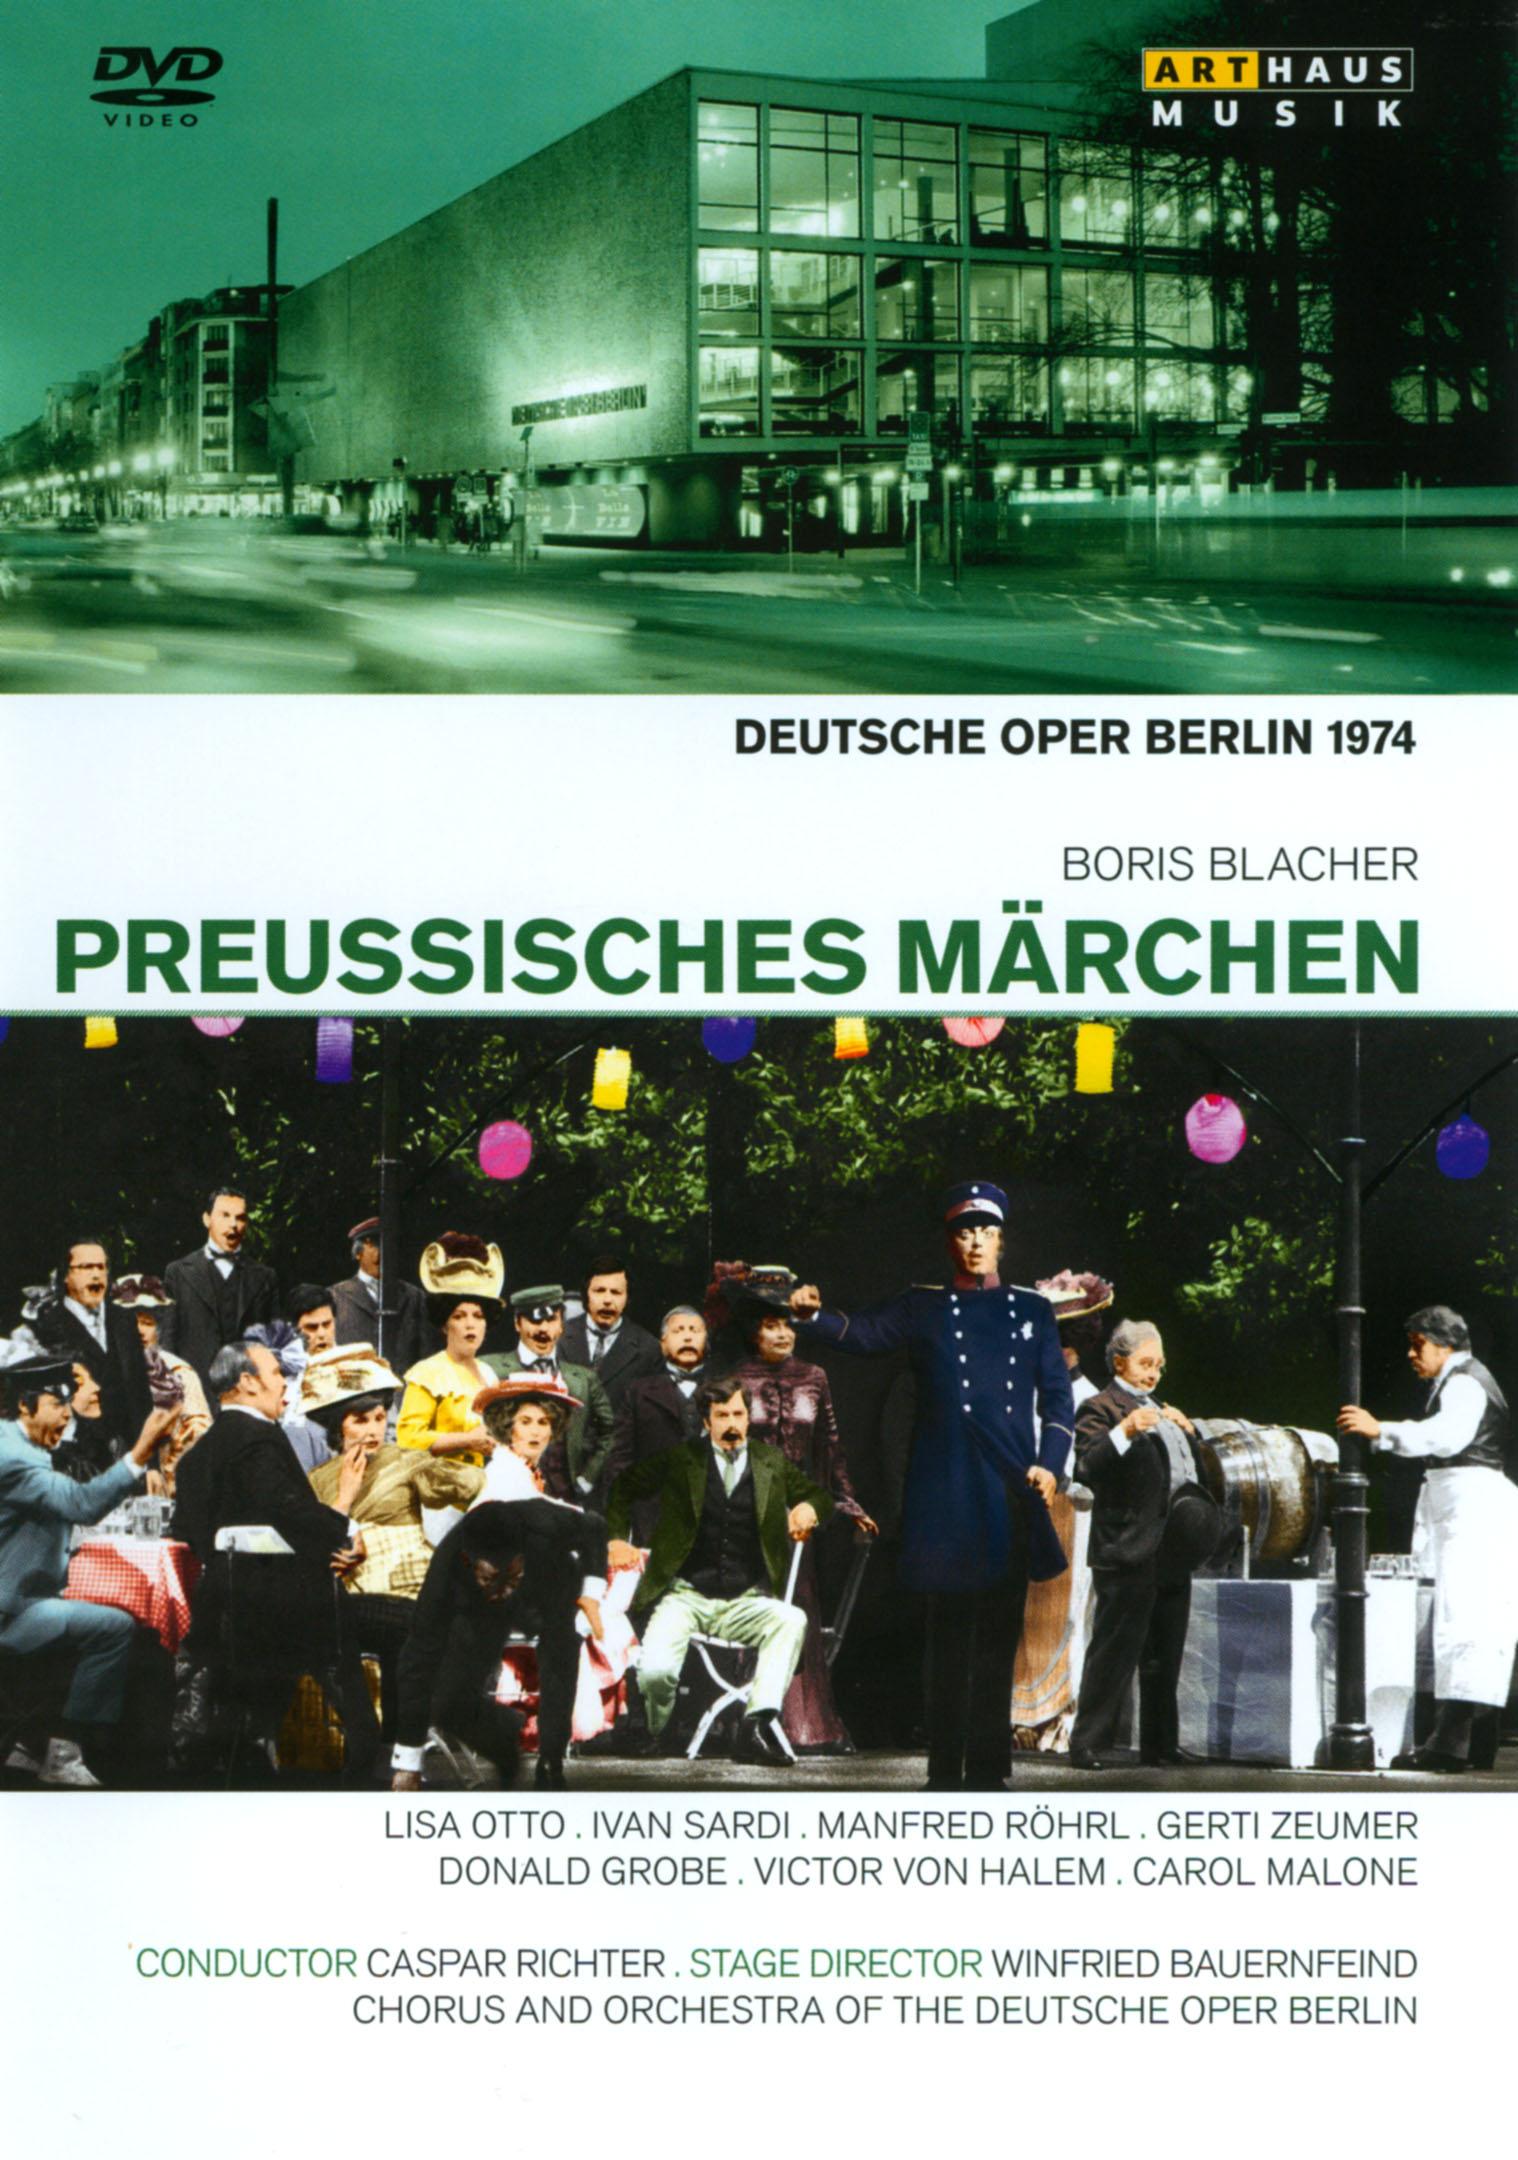 Preussisches Maerchen (Deutsche Oper Berlin)